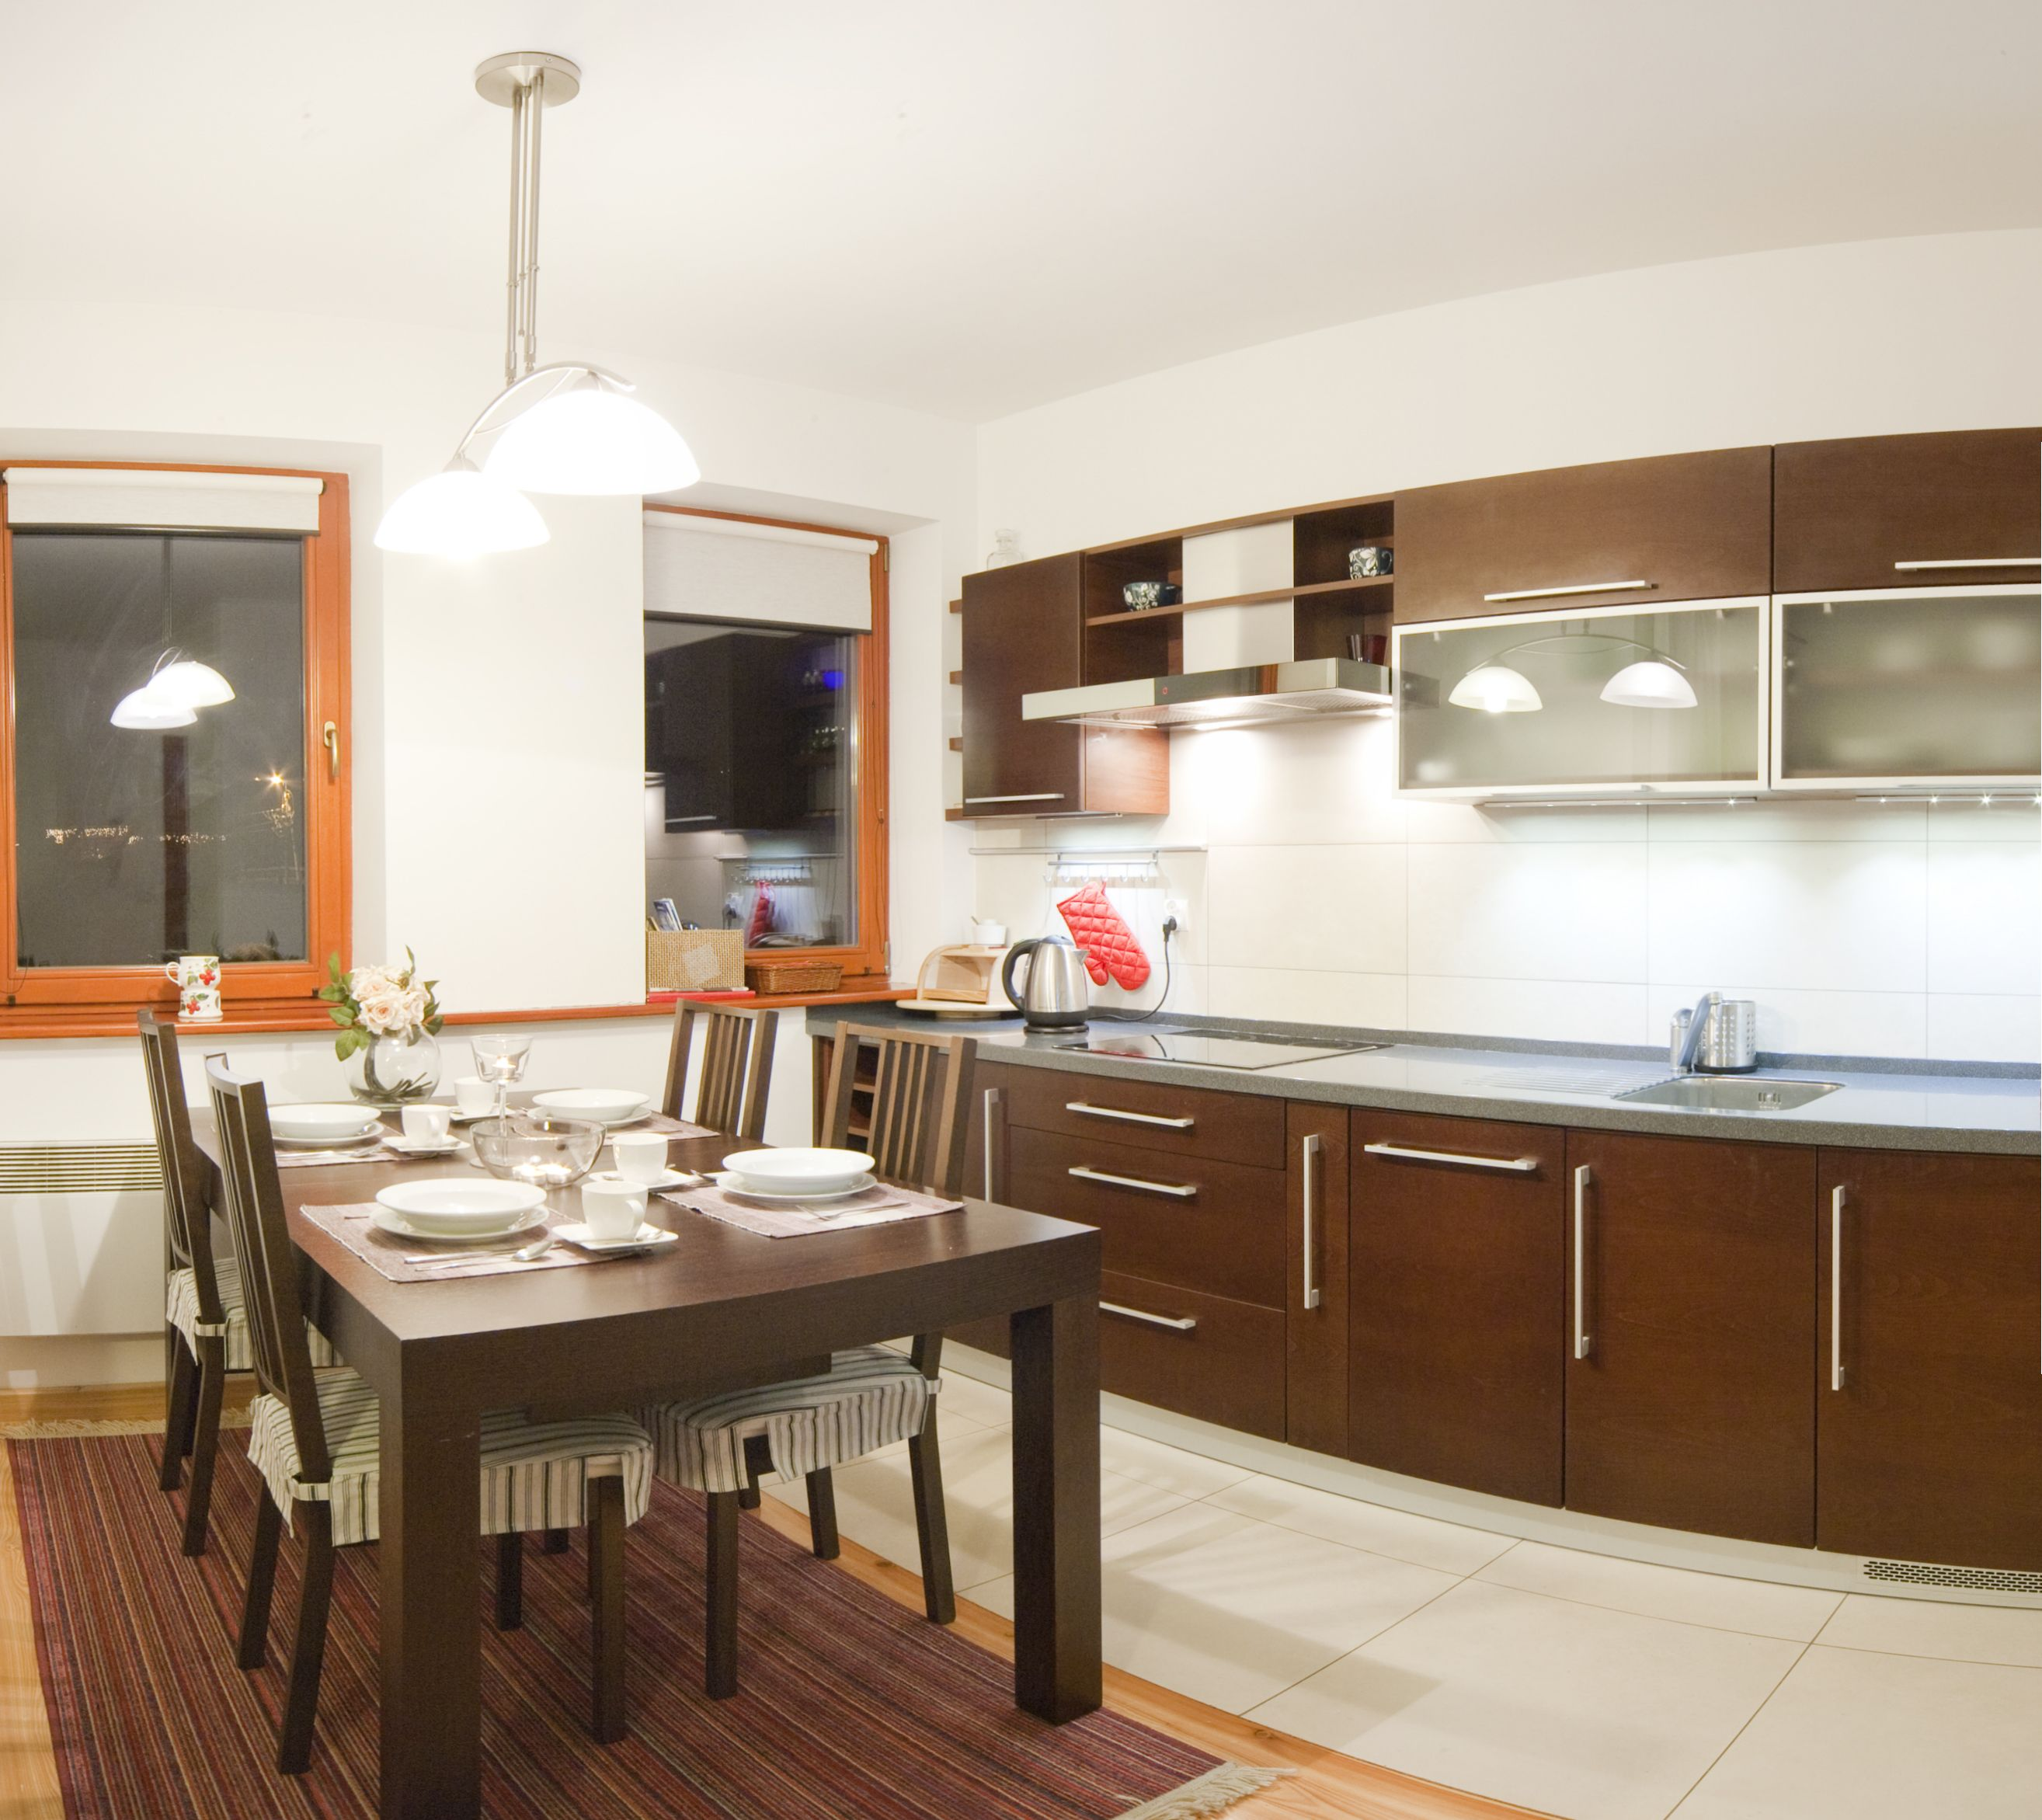 Kuchnia, w której przygotujesz pyszne posiłki Modern